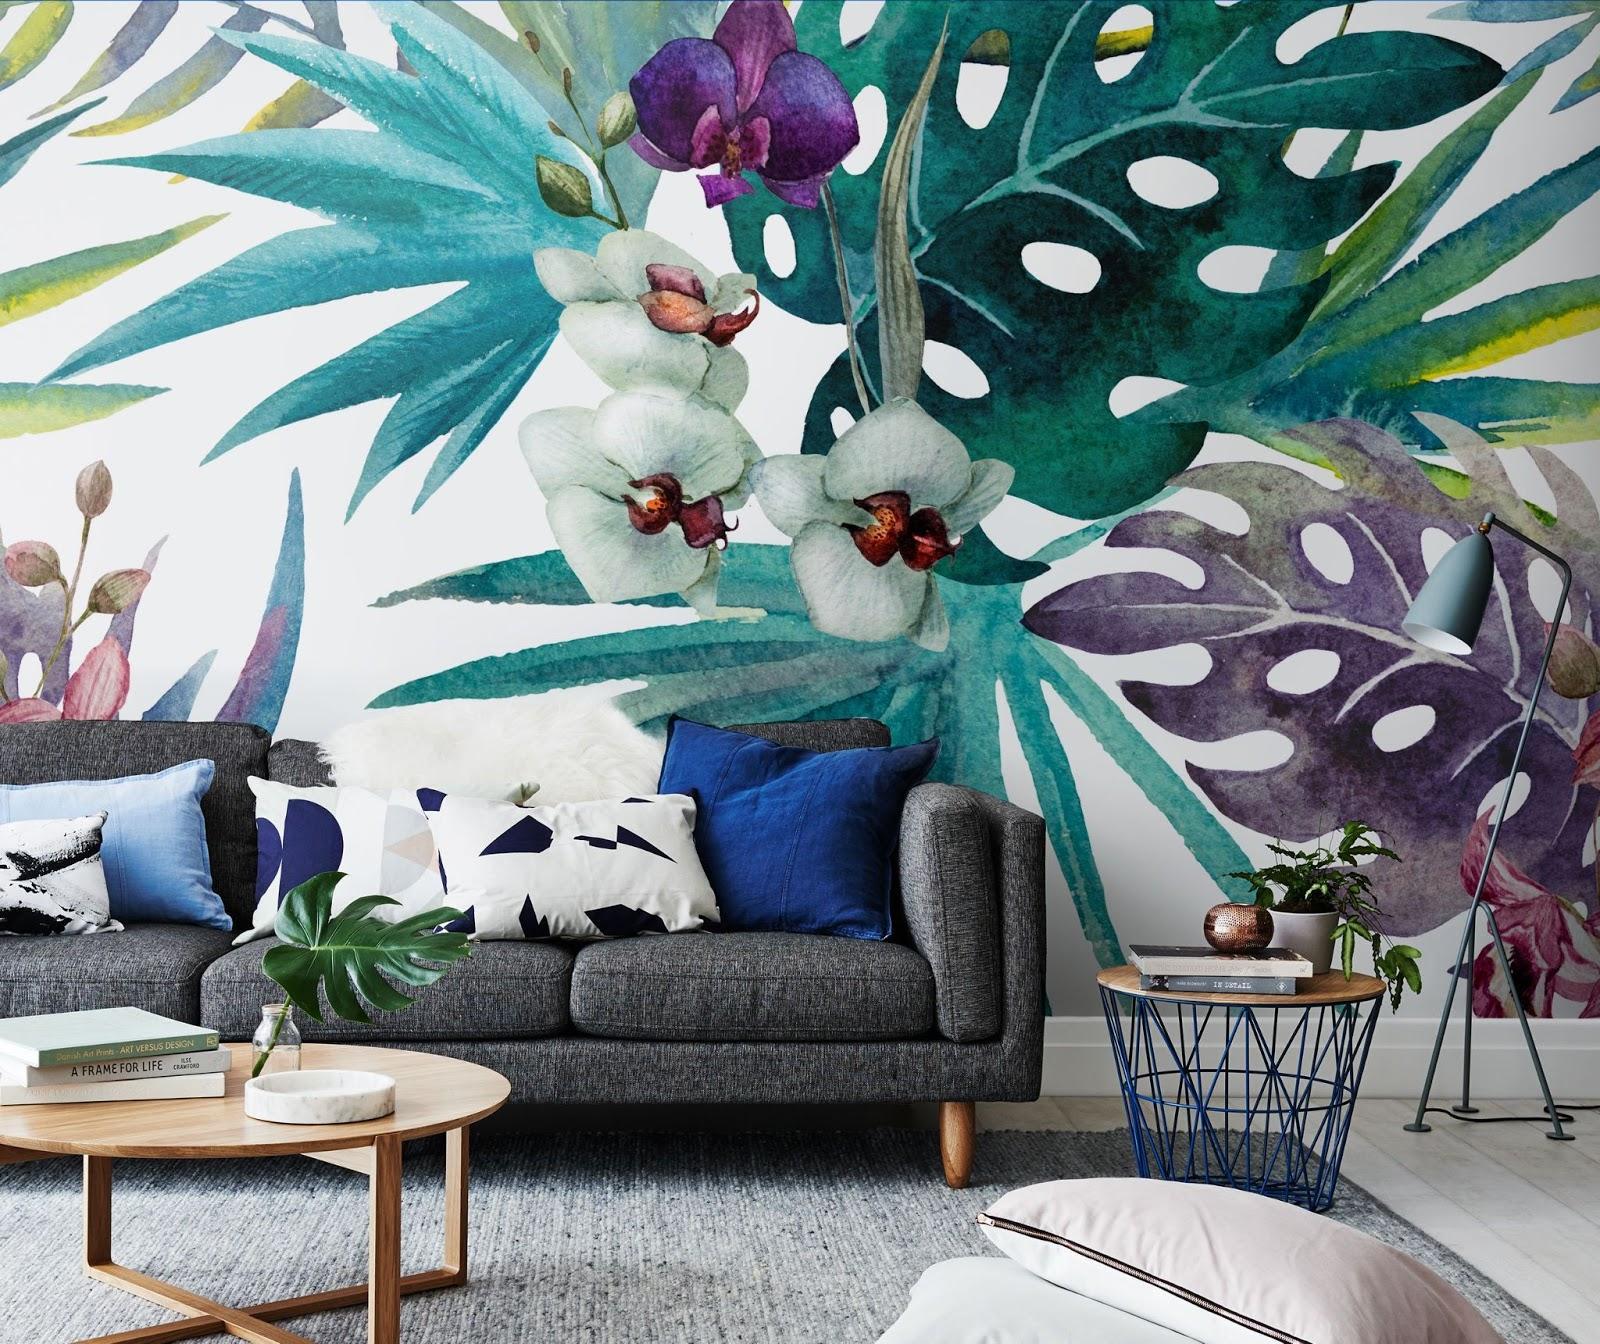 Sơn hiệu ứng Waldo-Vẽ tường trang trí